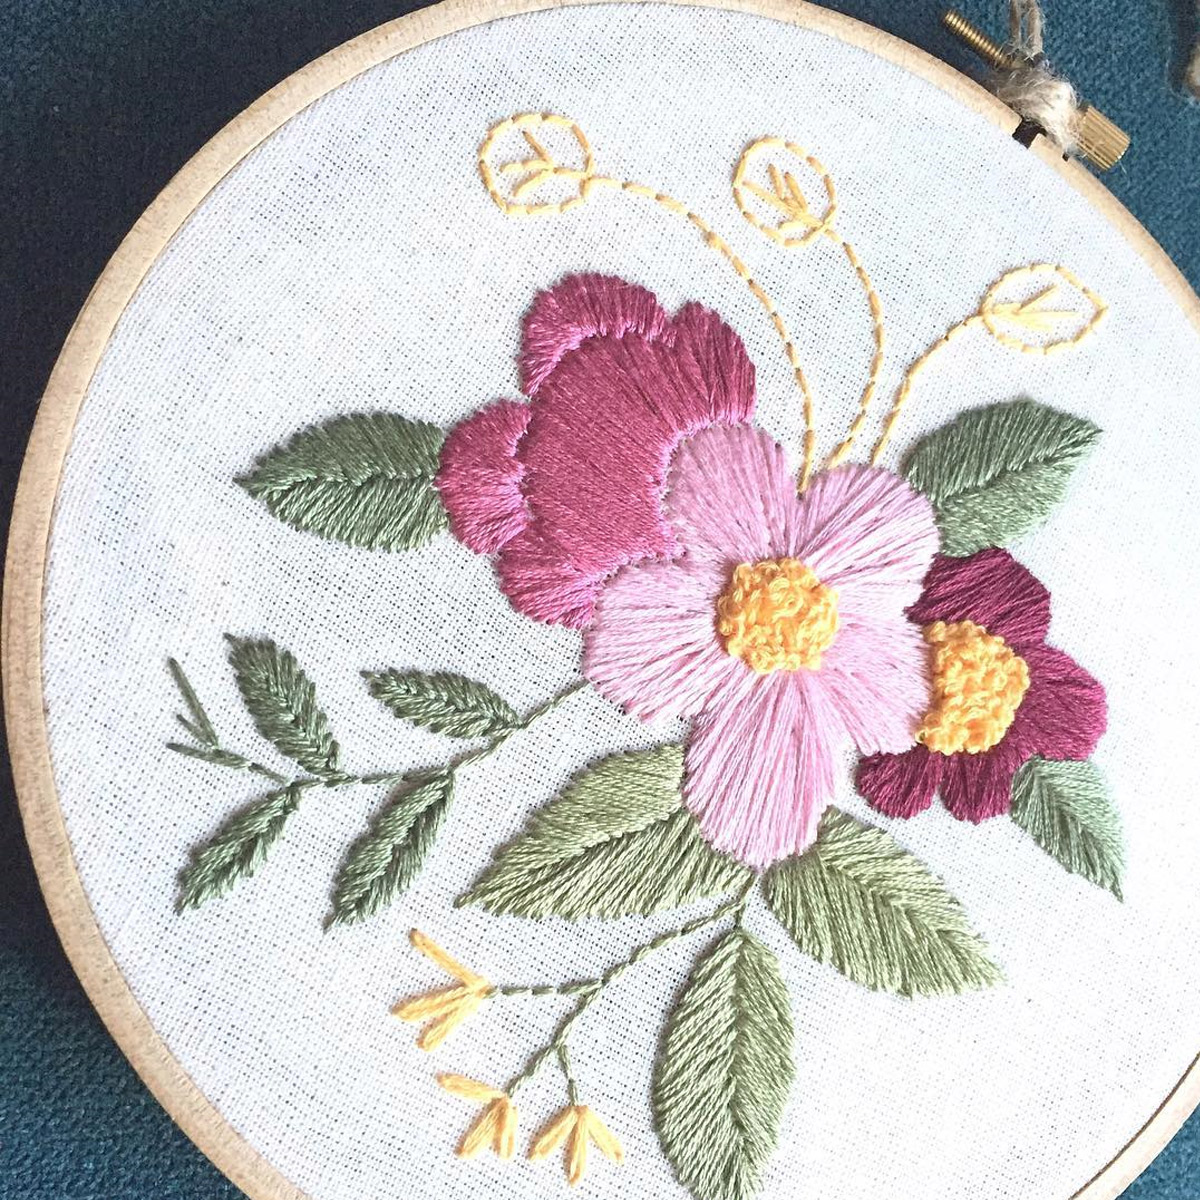 Hoop Art: Embroidery